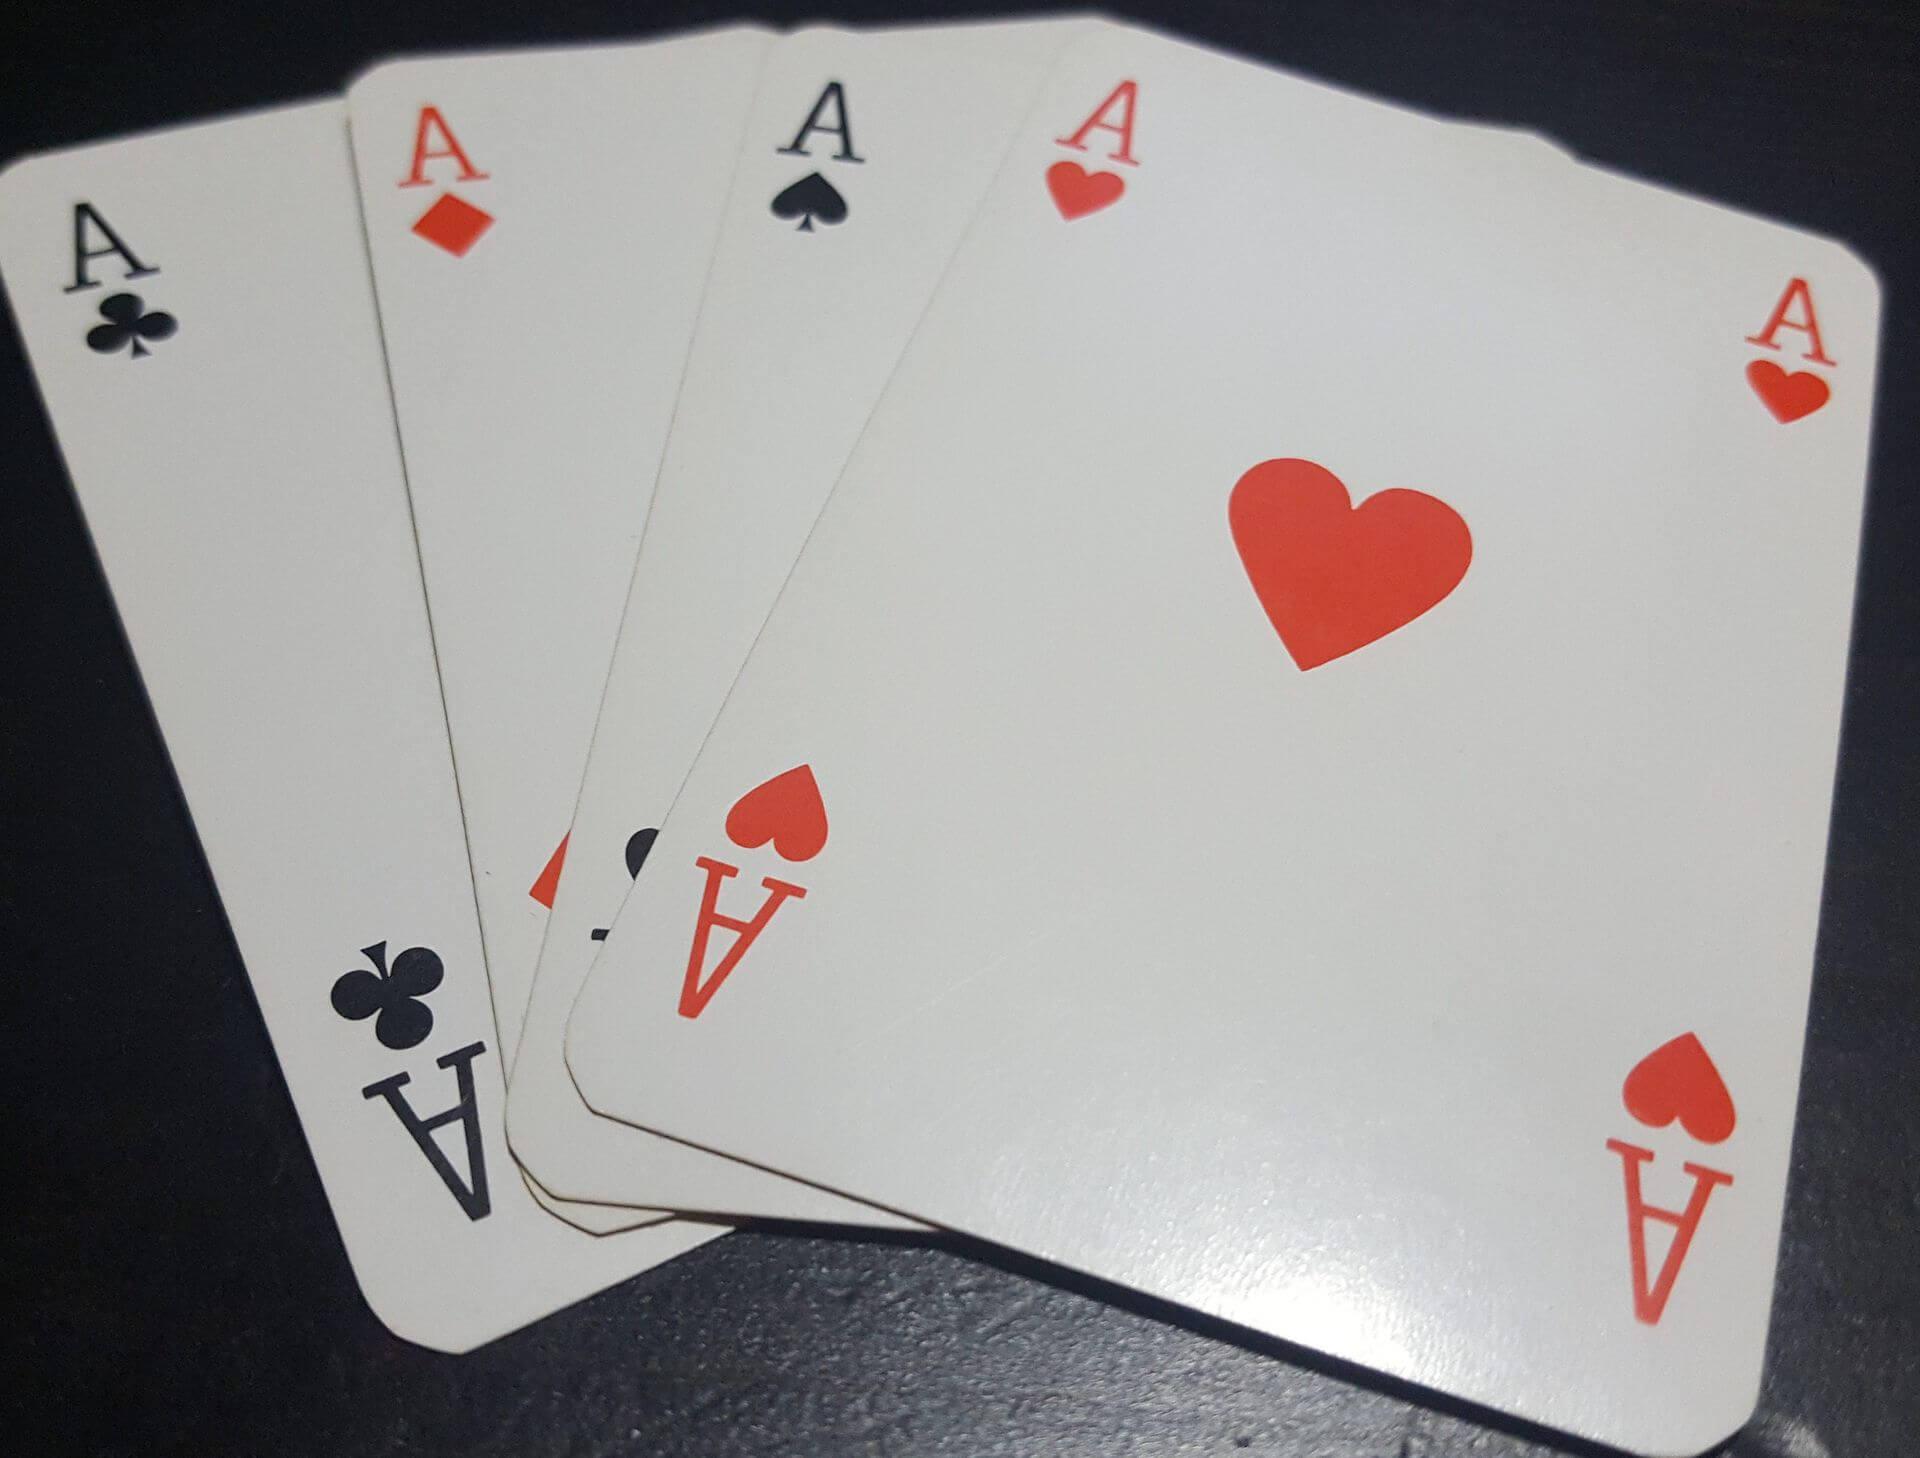 Играть в карты по английски играть в карты законно